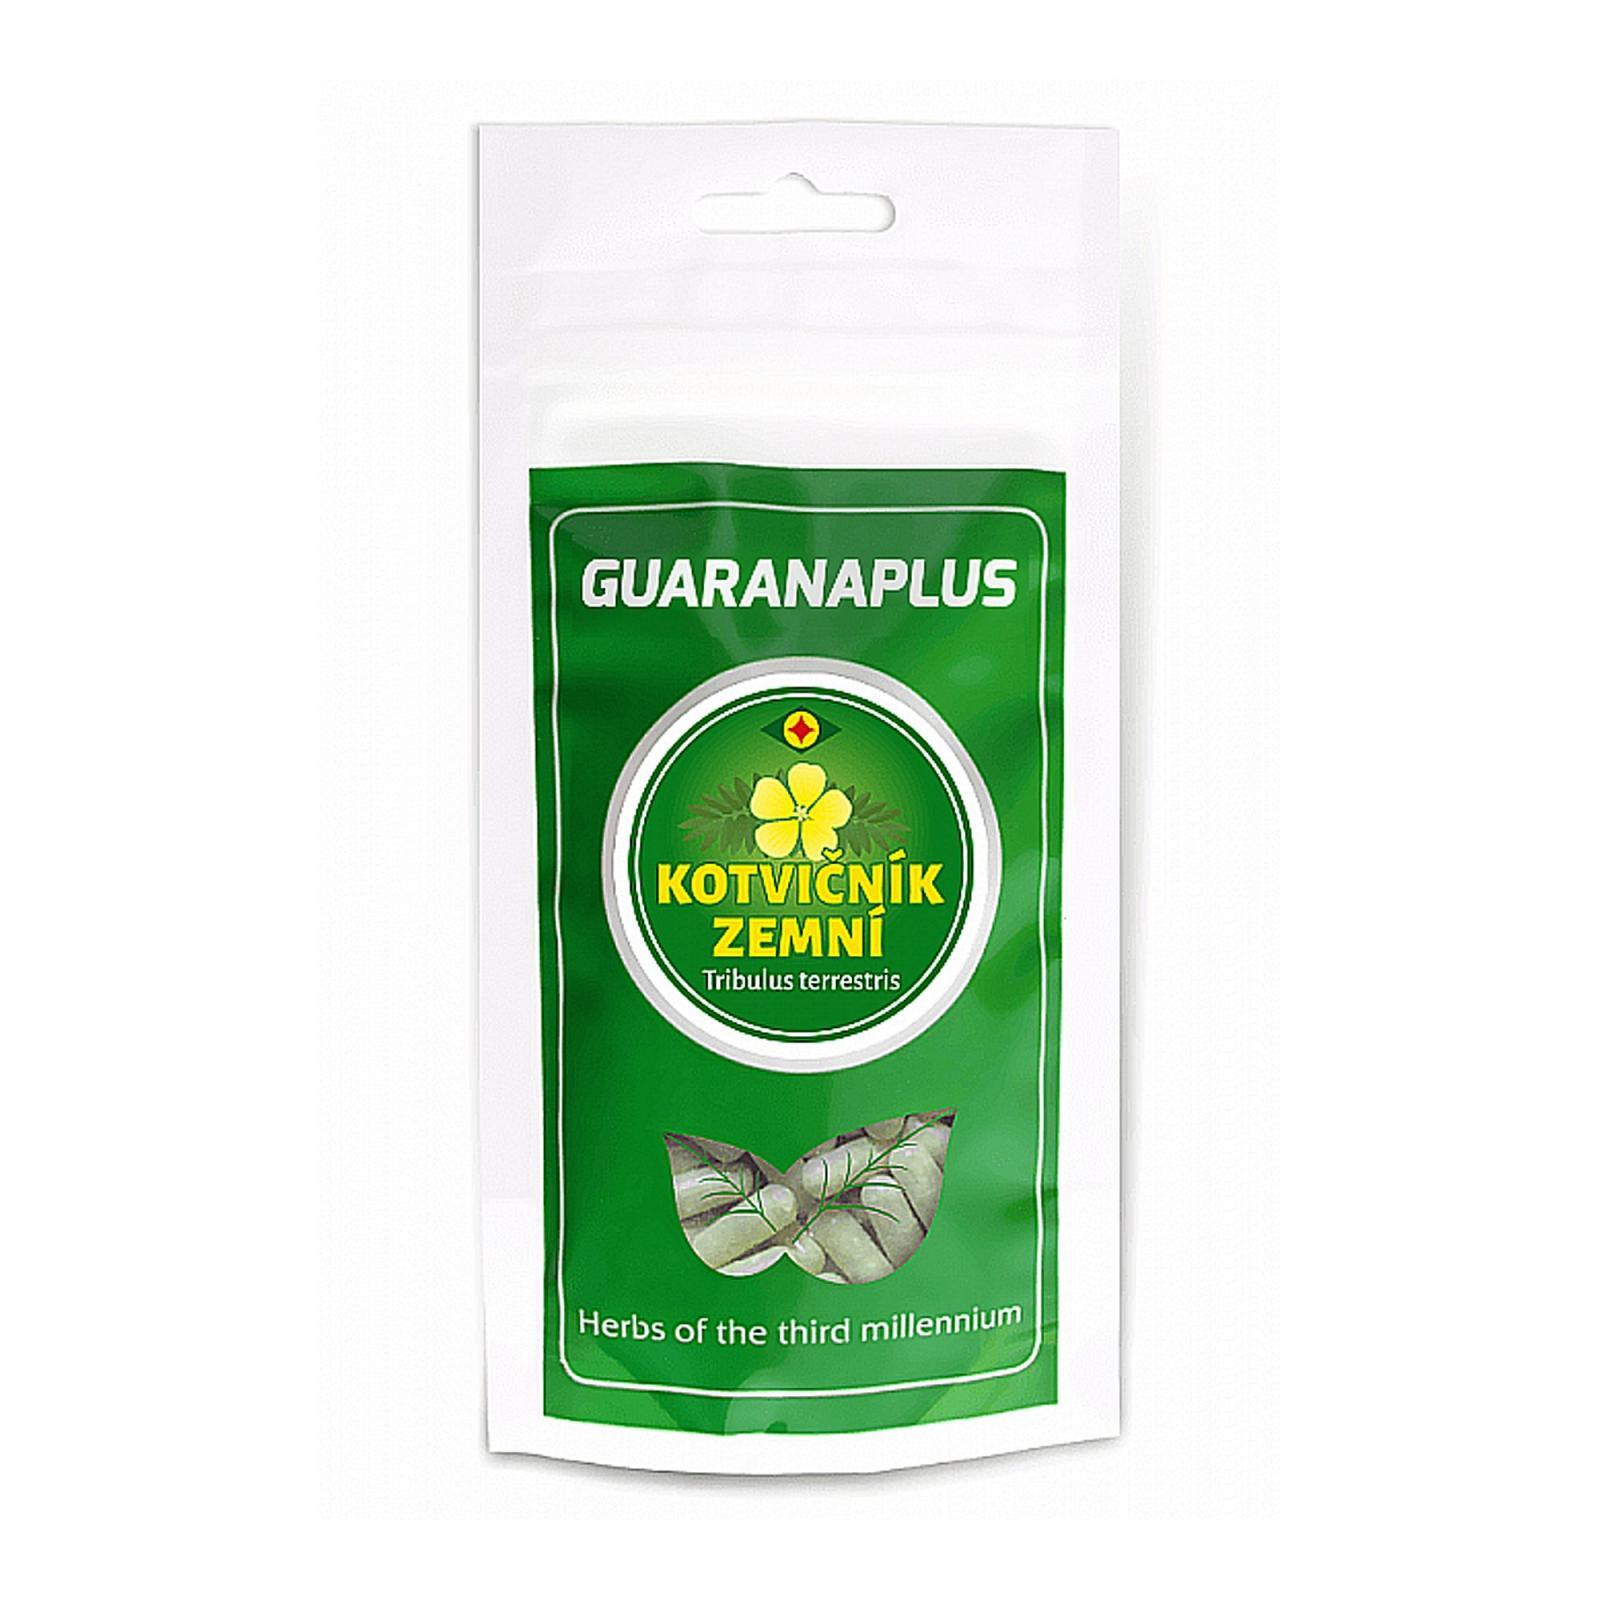 Guaranaplus Kotvičník zemní, kapsle 100 ks, 40 g